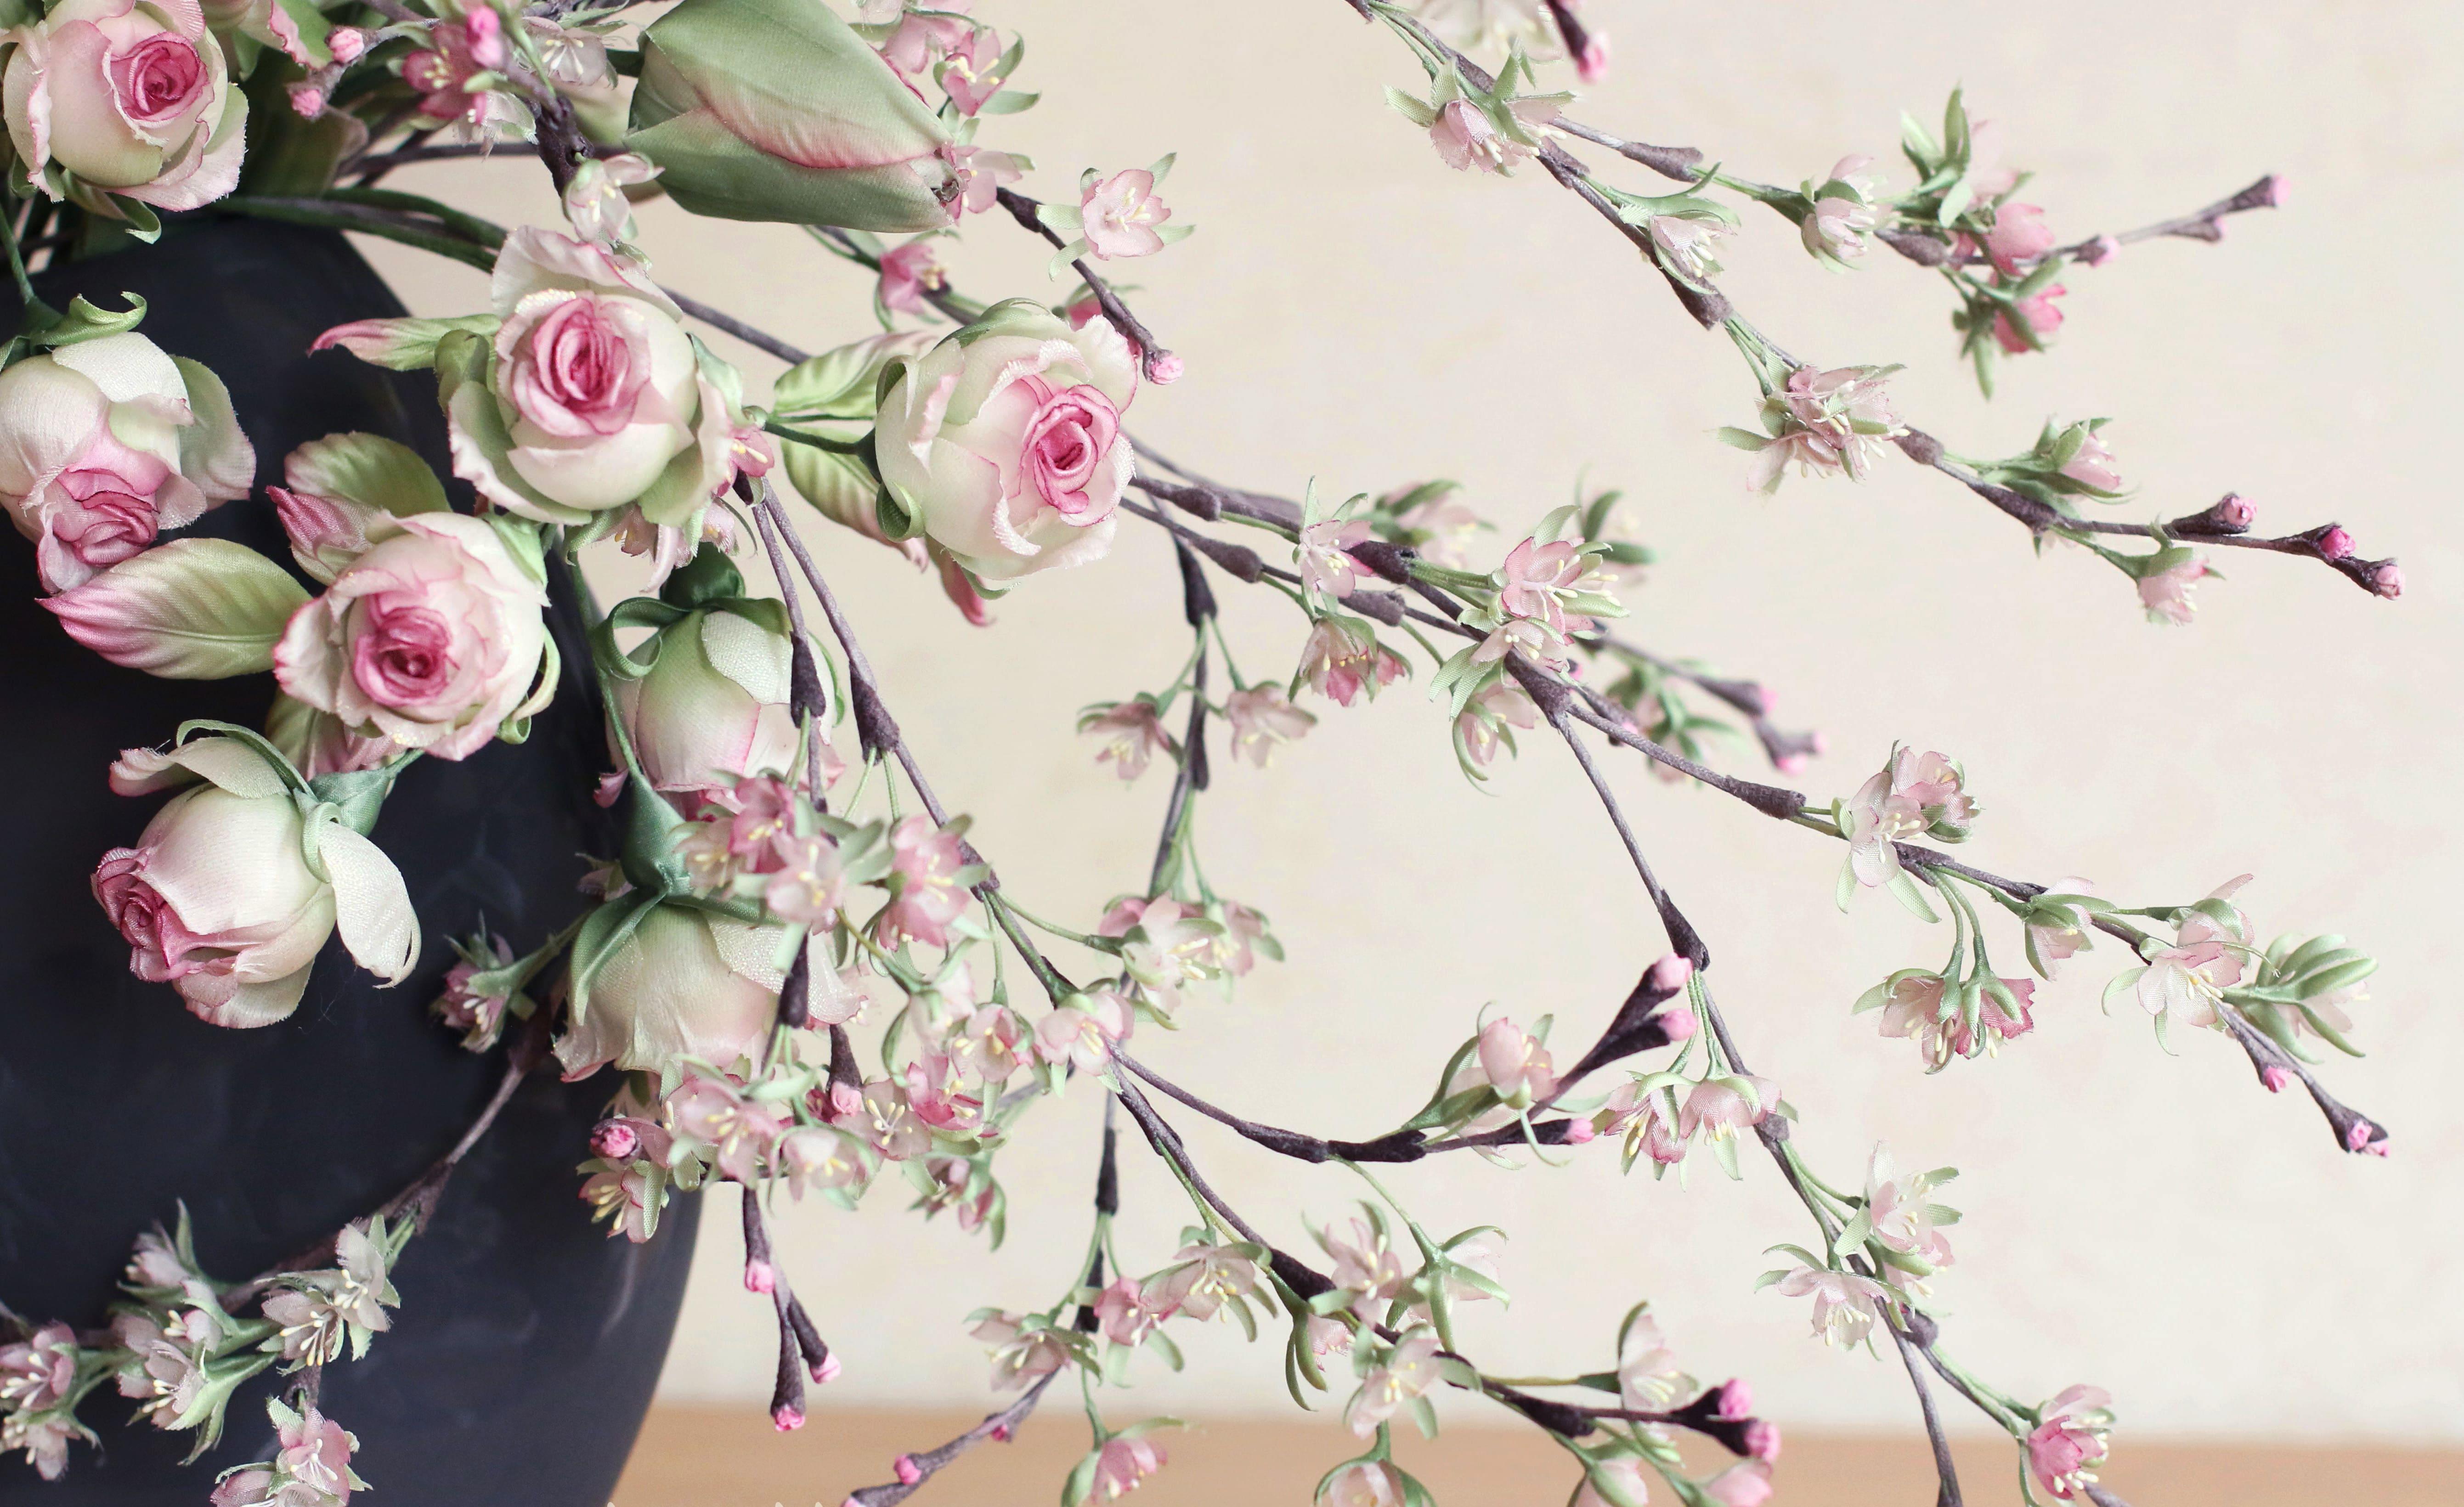 sakura-in-bloom-43